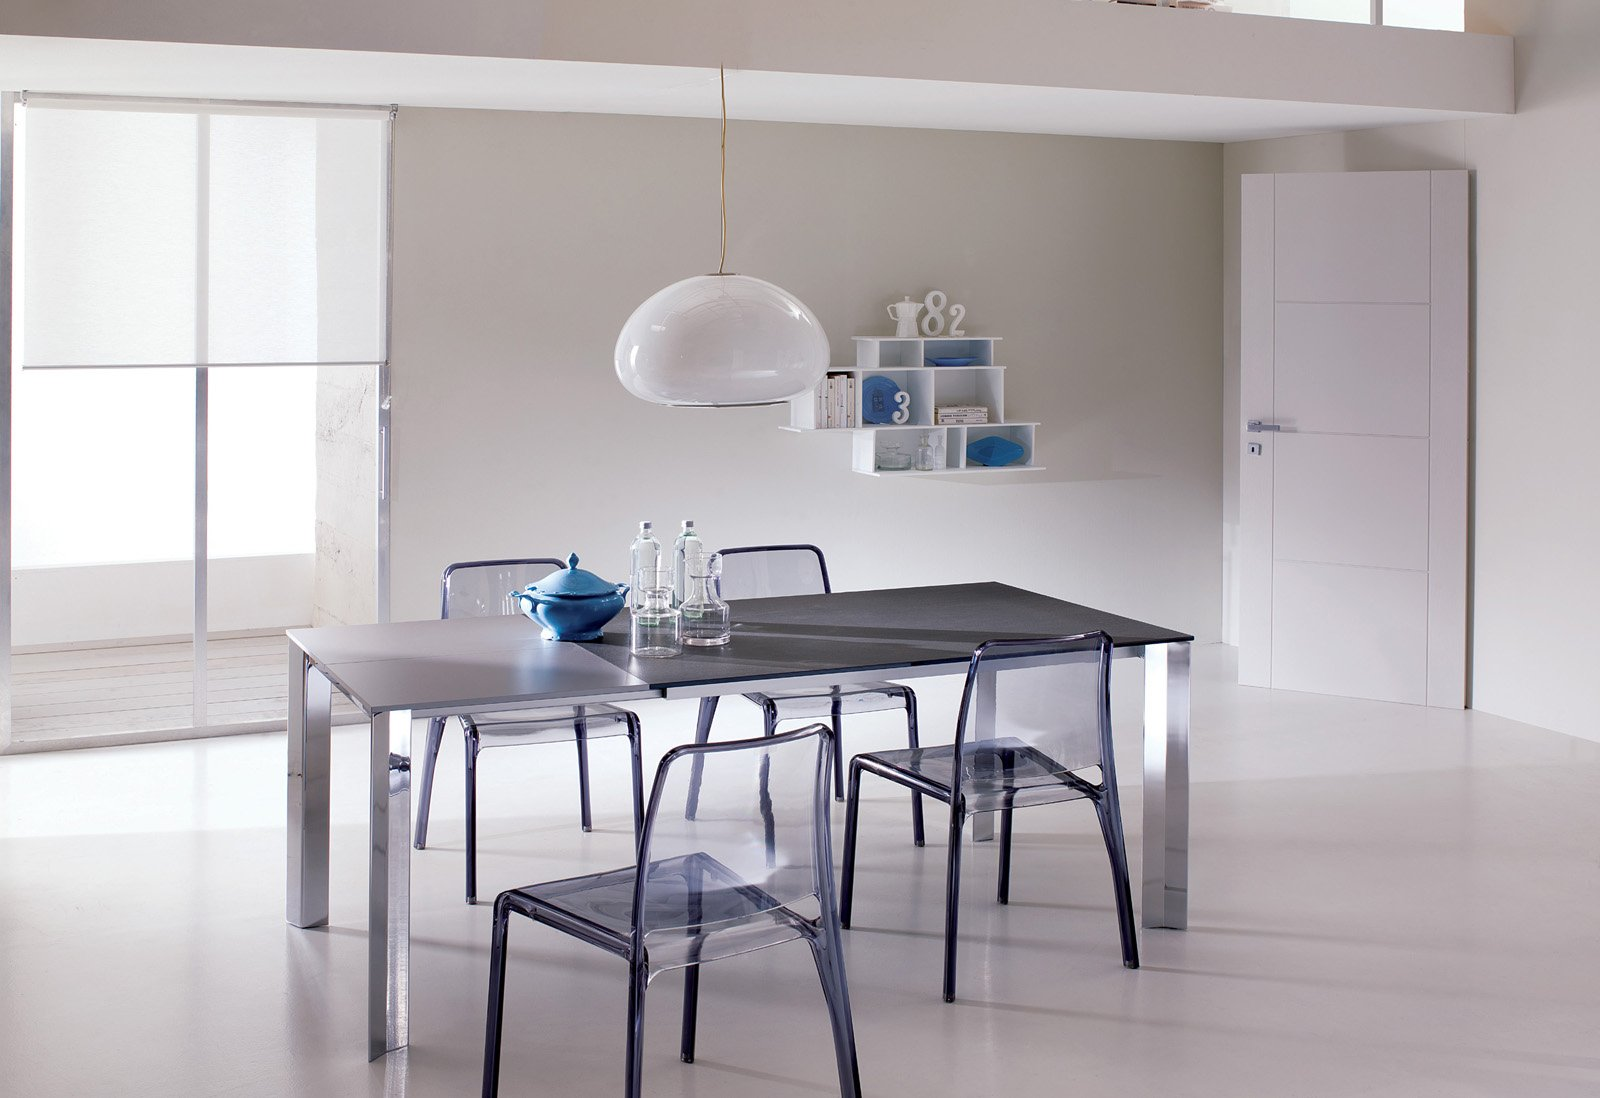 Tavoli e sedie per cucina o soggiorno cose di casa - Tavolo con sedie per cucina ...